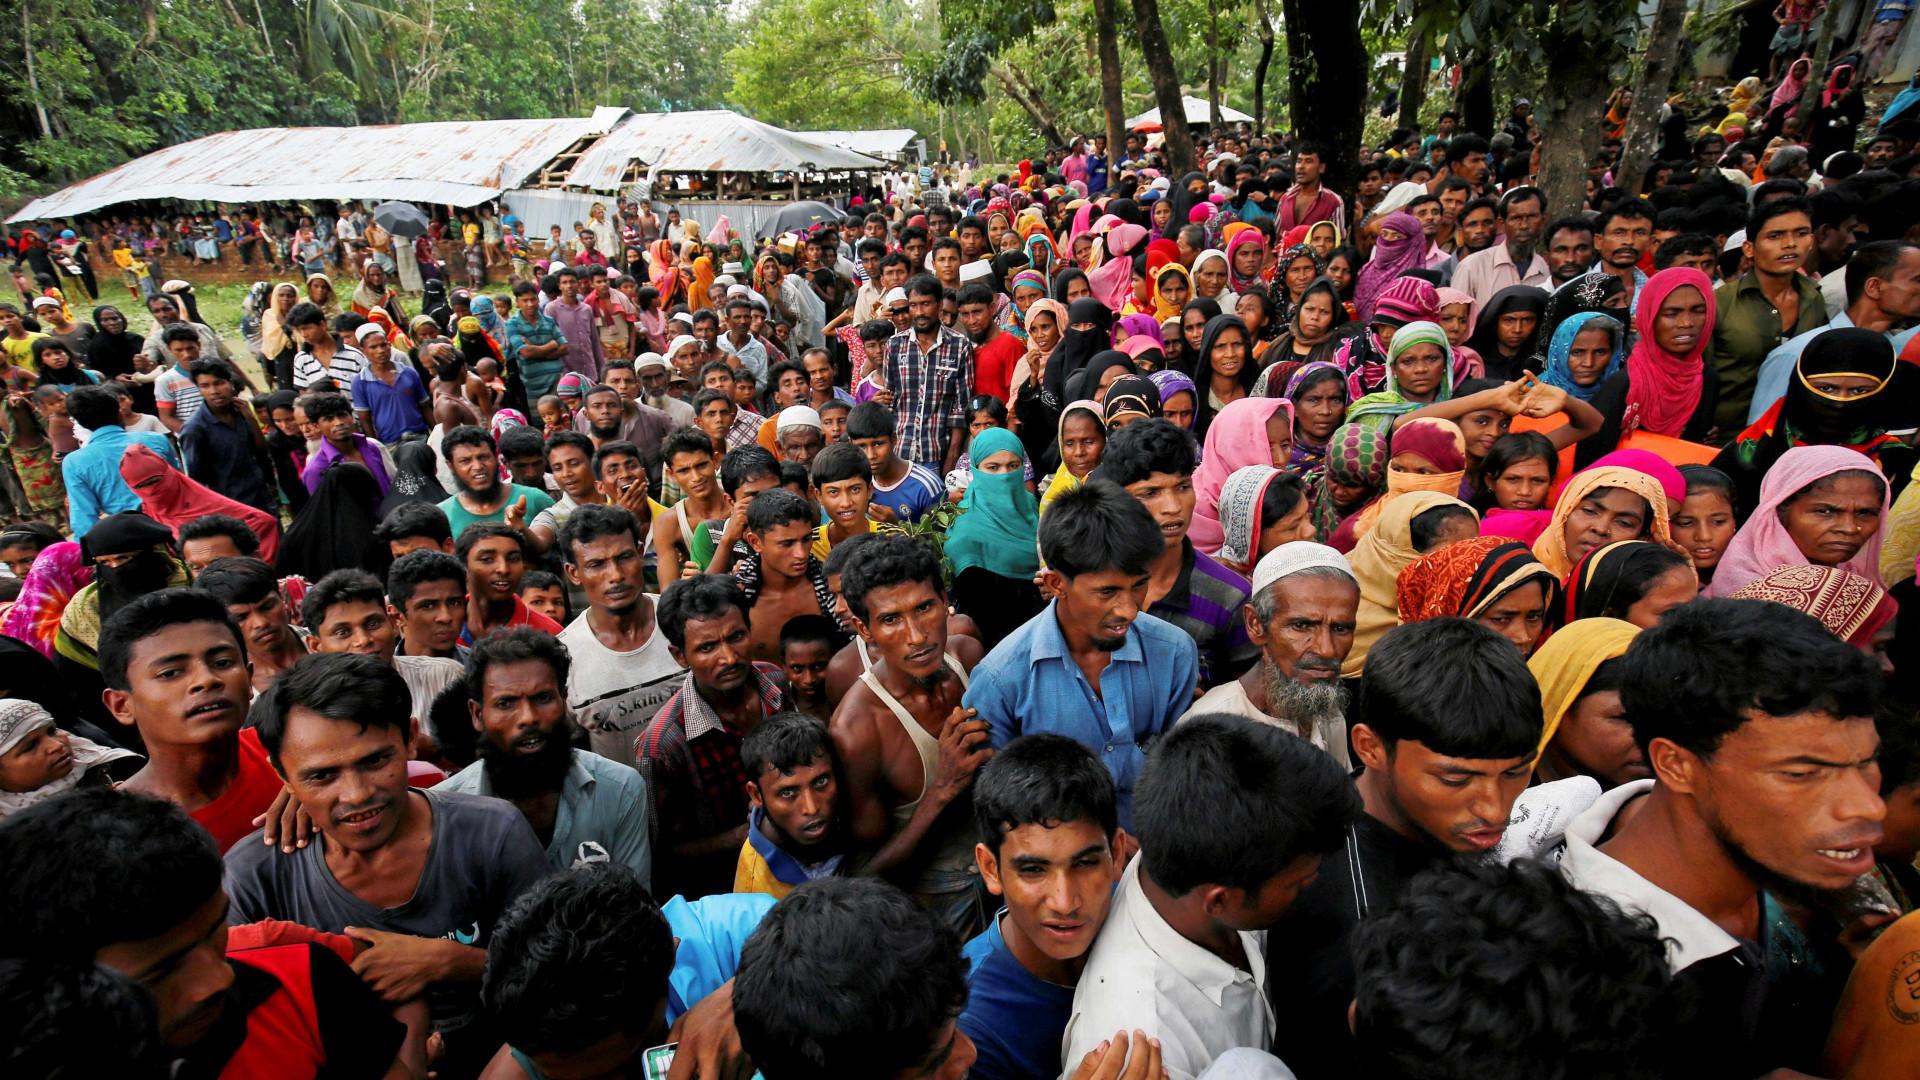 Na véspera do Dia do Refugiados,  nº de deslocados bate recorde